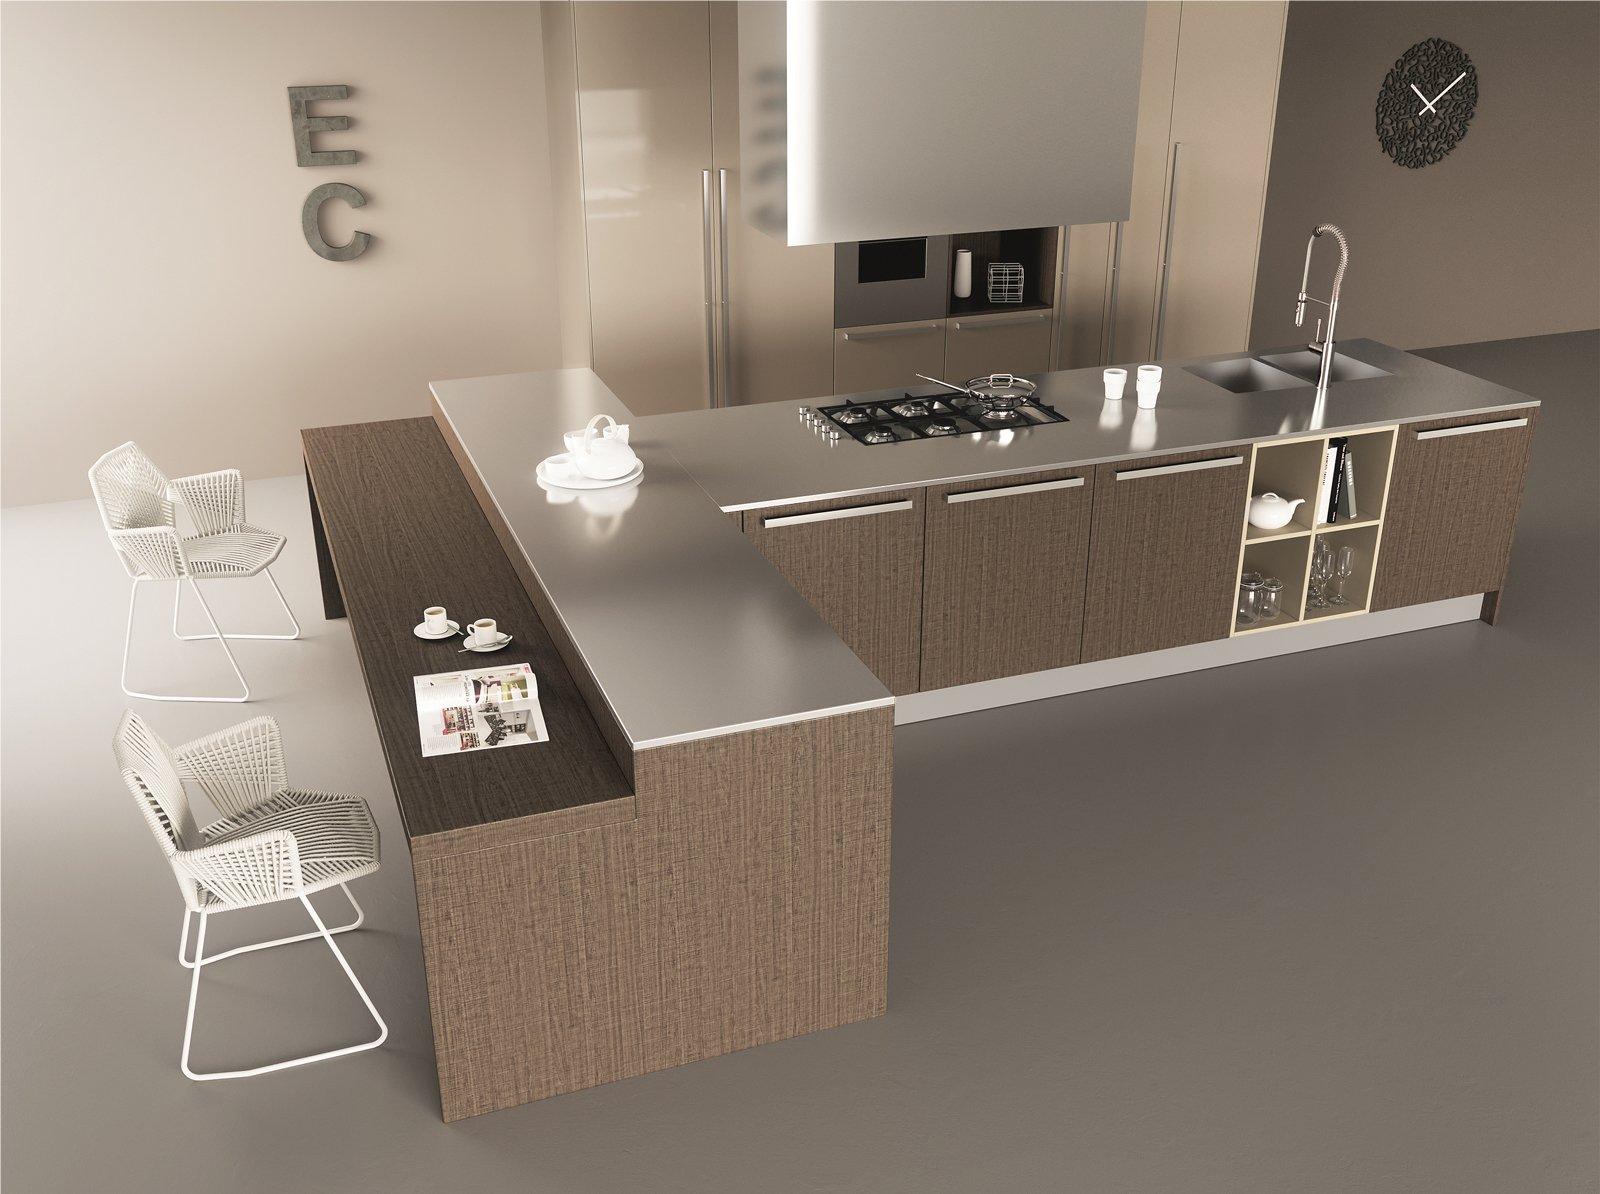 Cucine con grandi piani di lavoro cose di casa for Moderni piani di palafitte